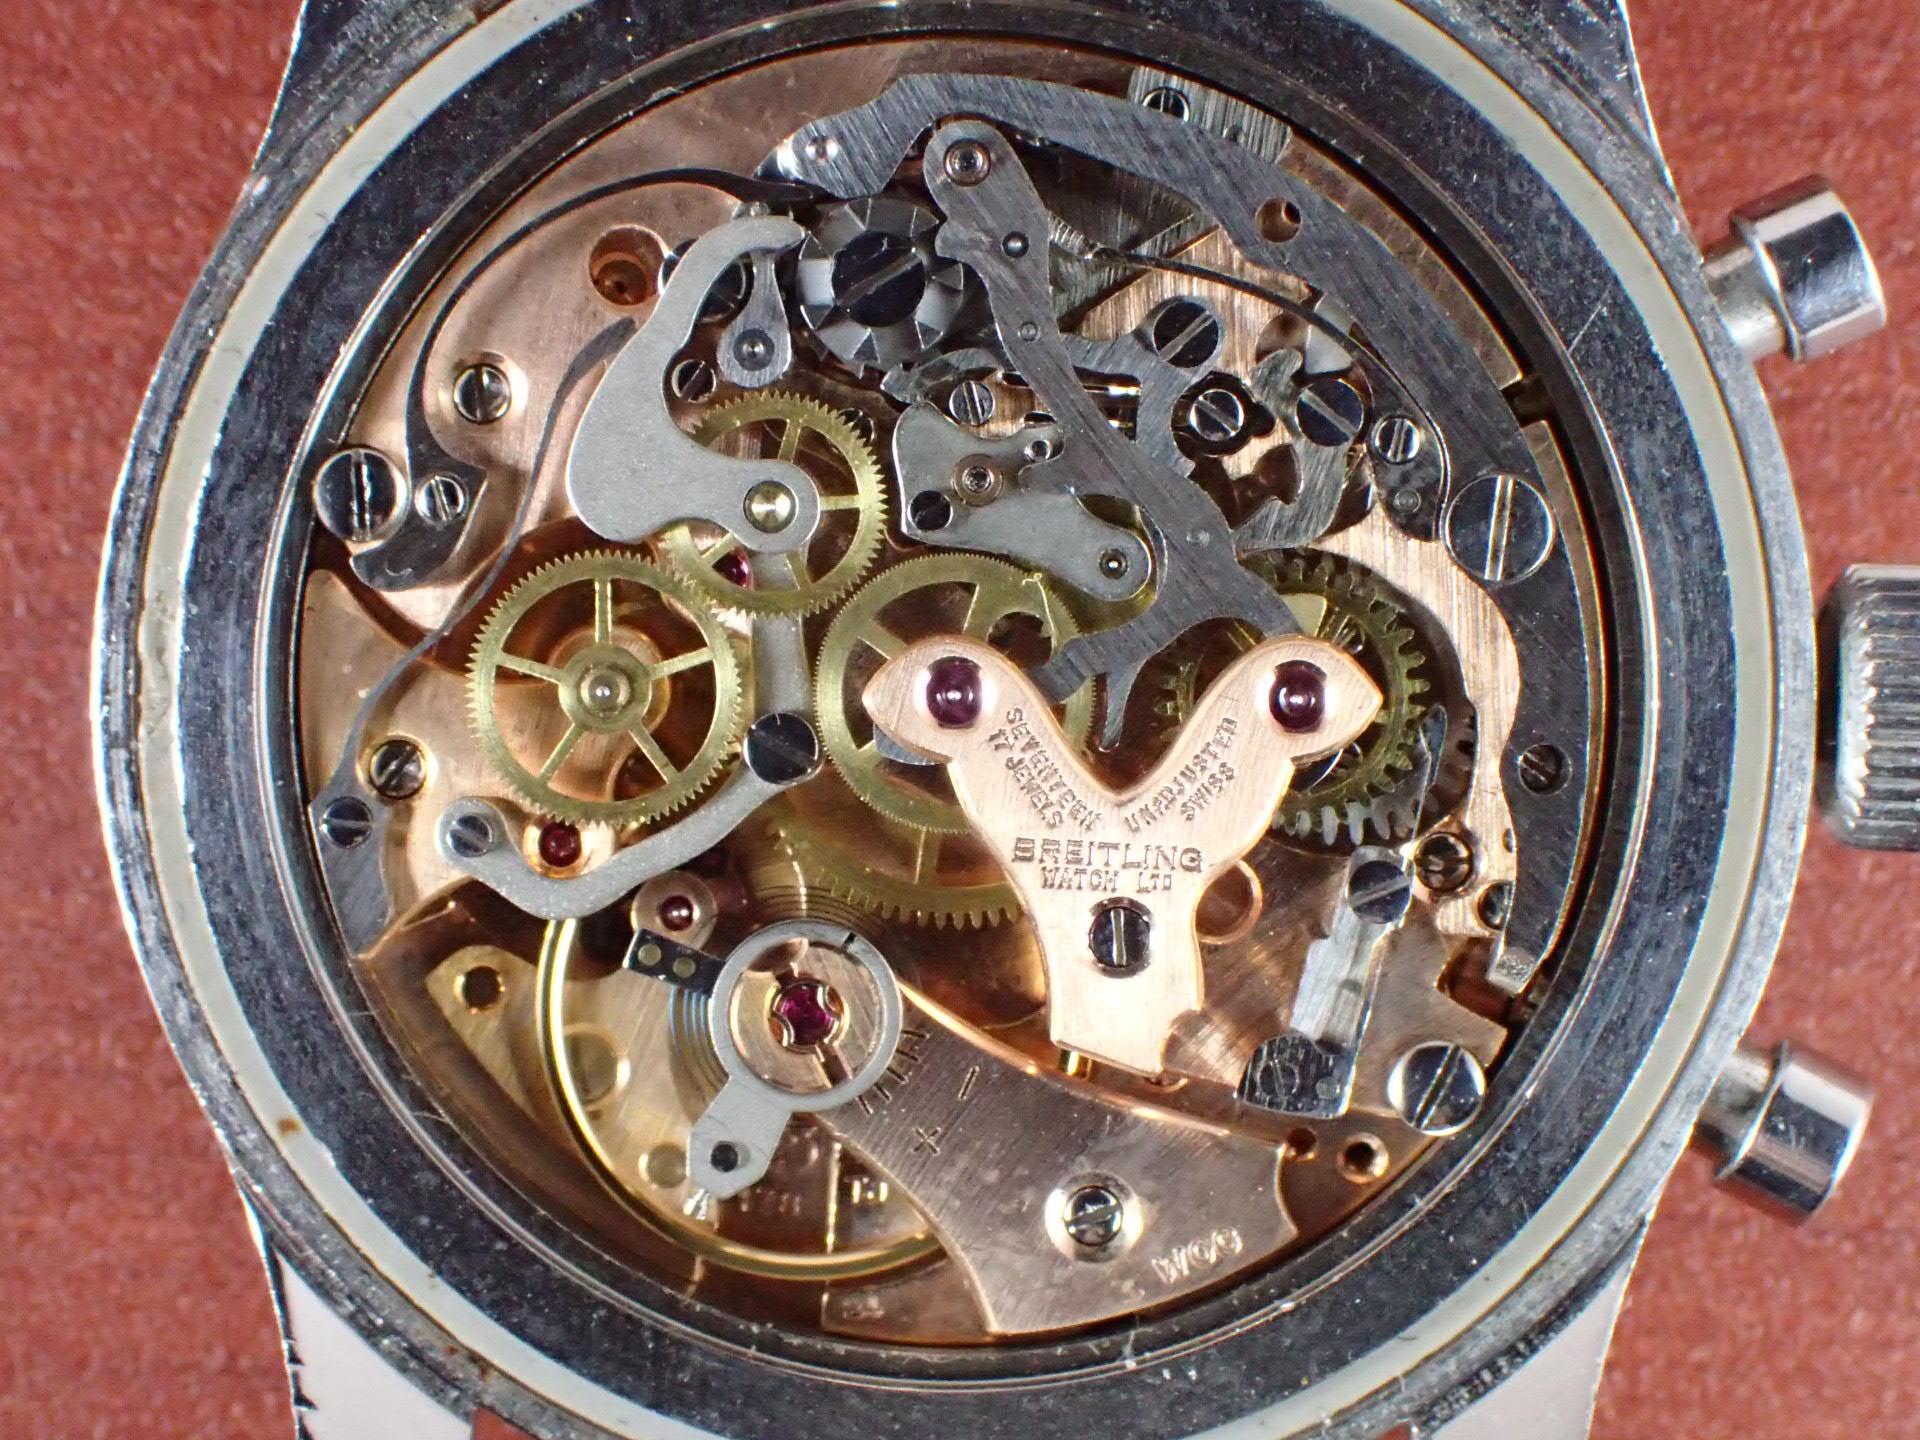 ブライトリング コスモノート ナビタイマー Ref.809 24時間時計 1960年代の写真5枚目